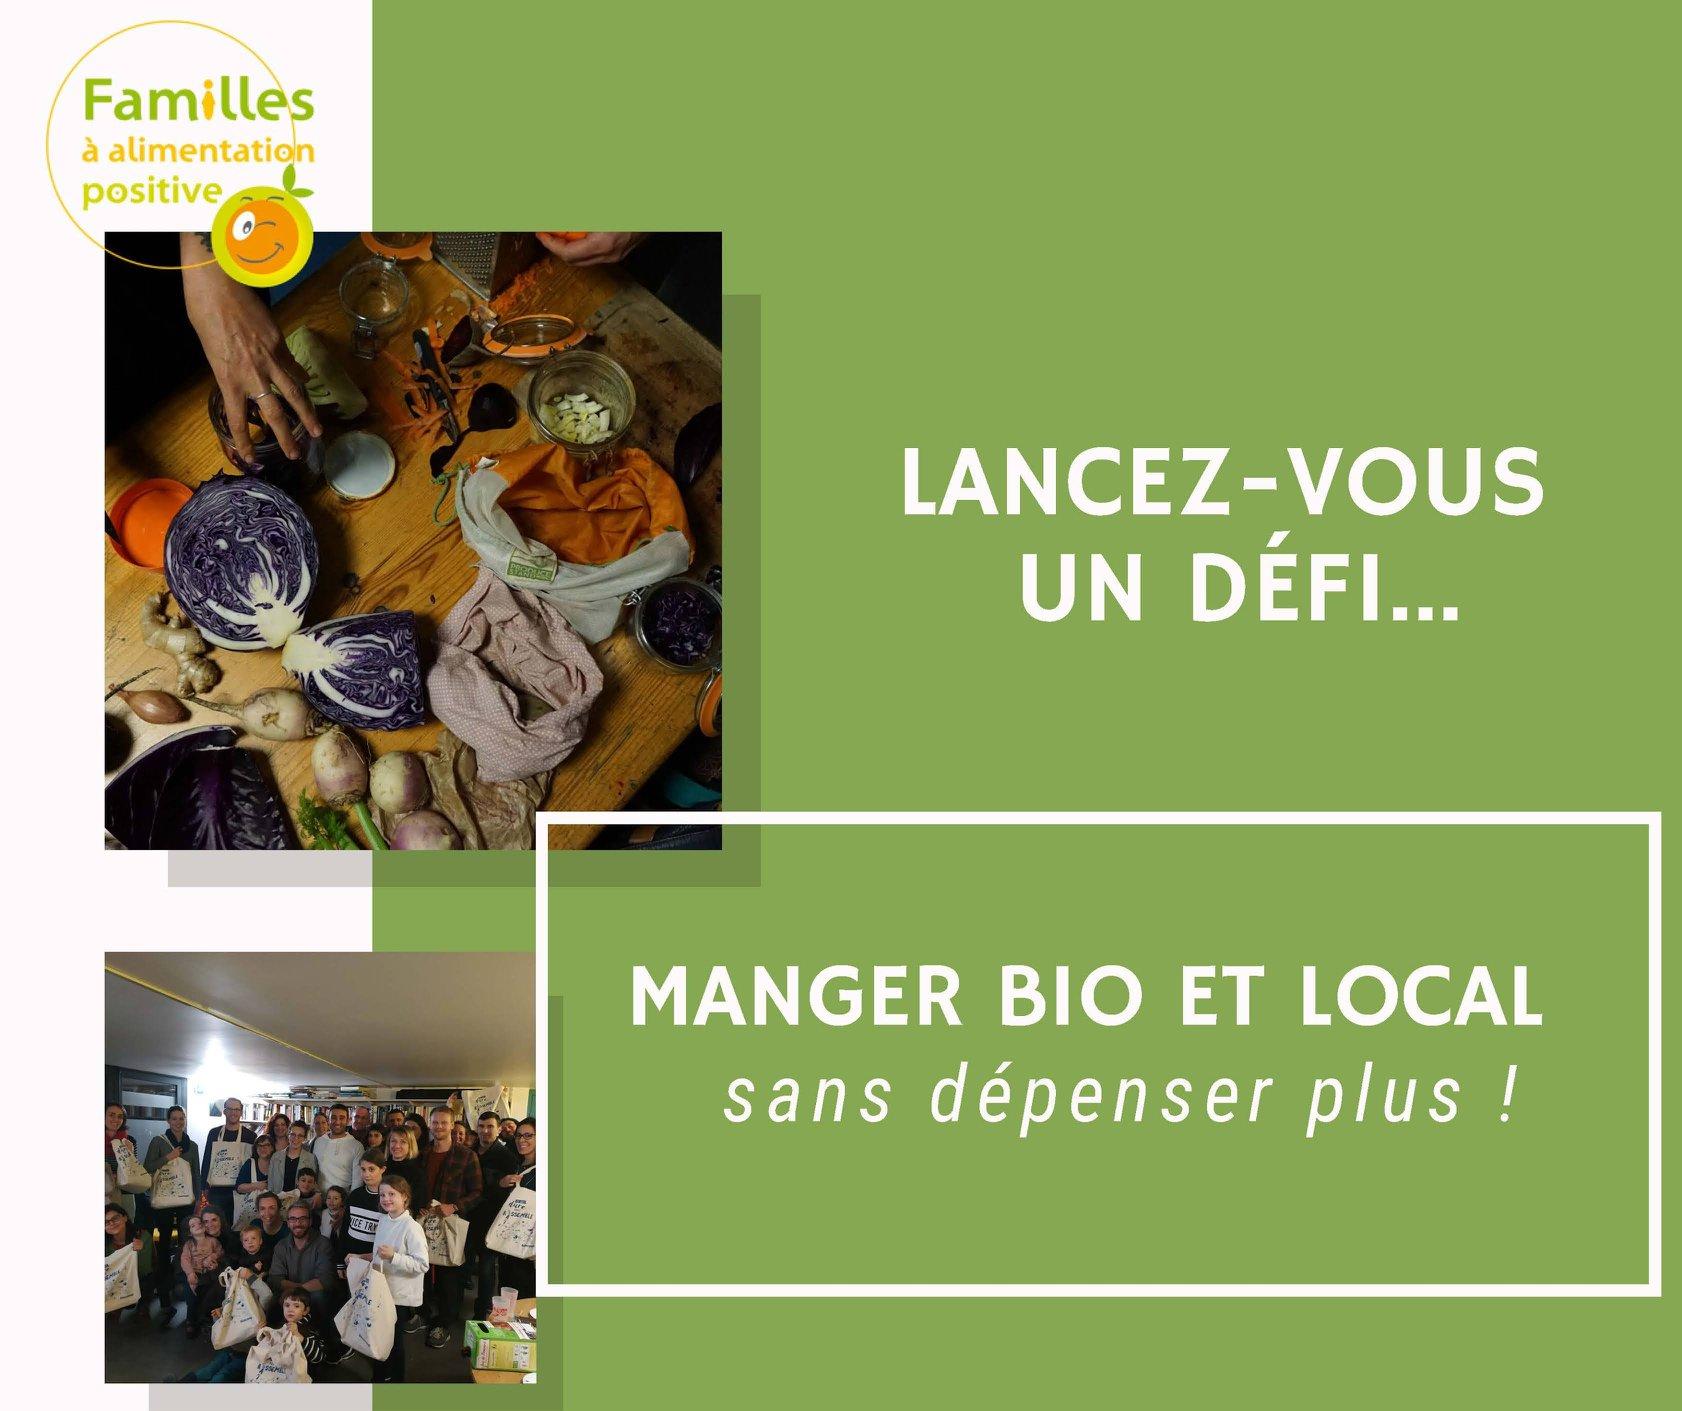 Défi familles à alimentation positive : manger bio et locale, sans dépenser plus !